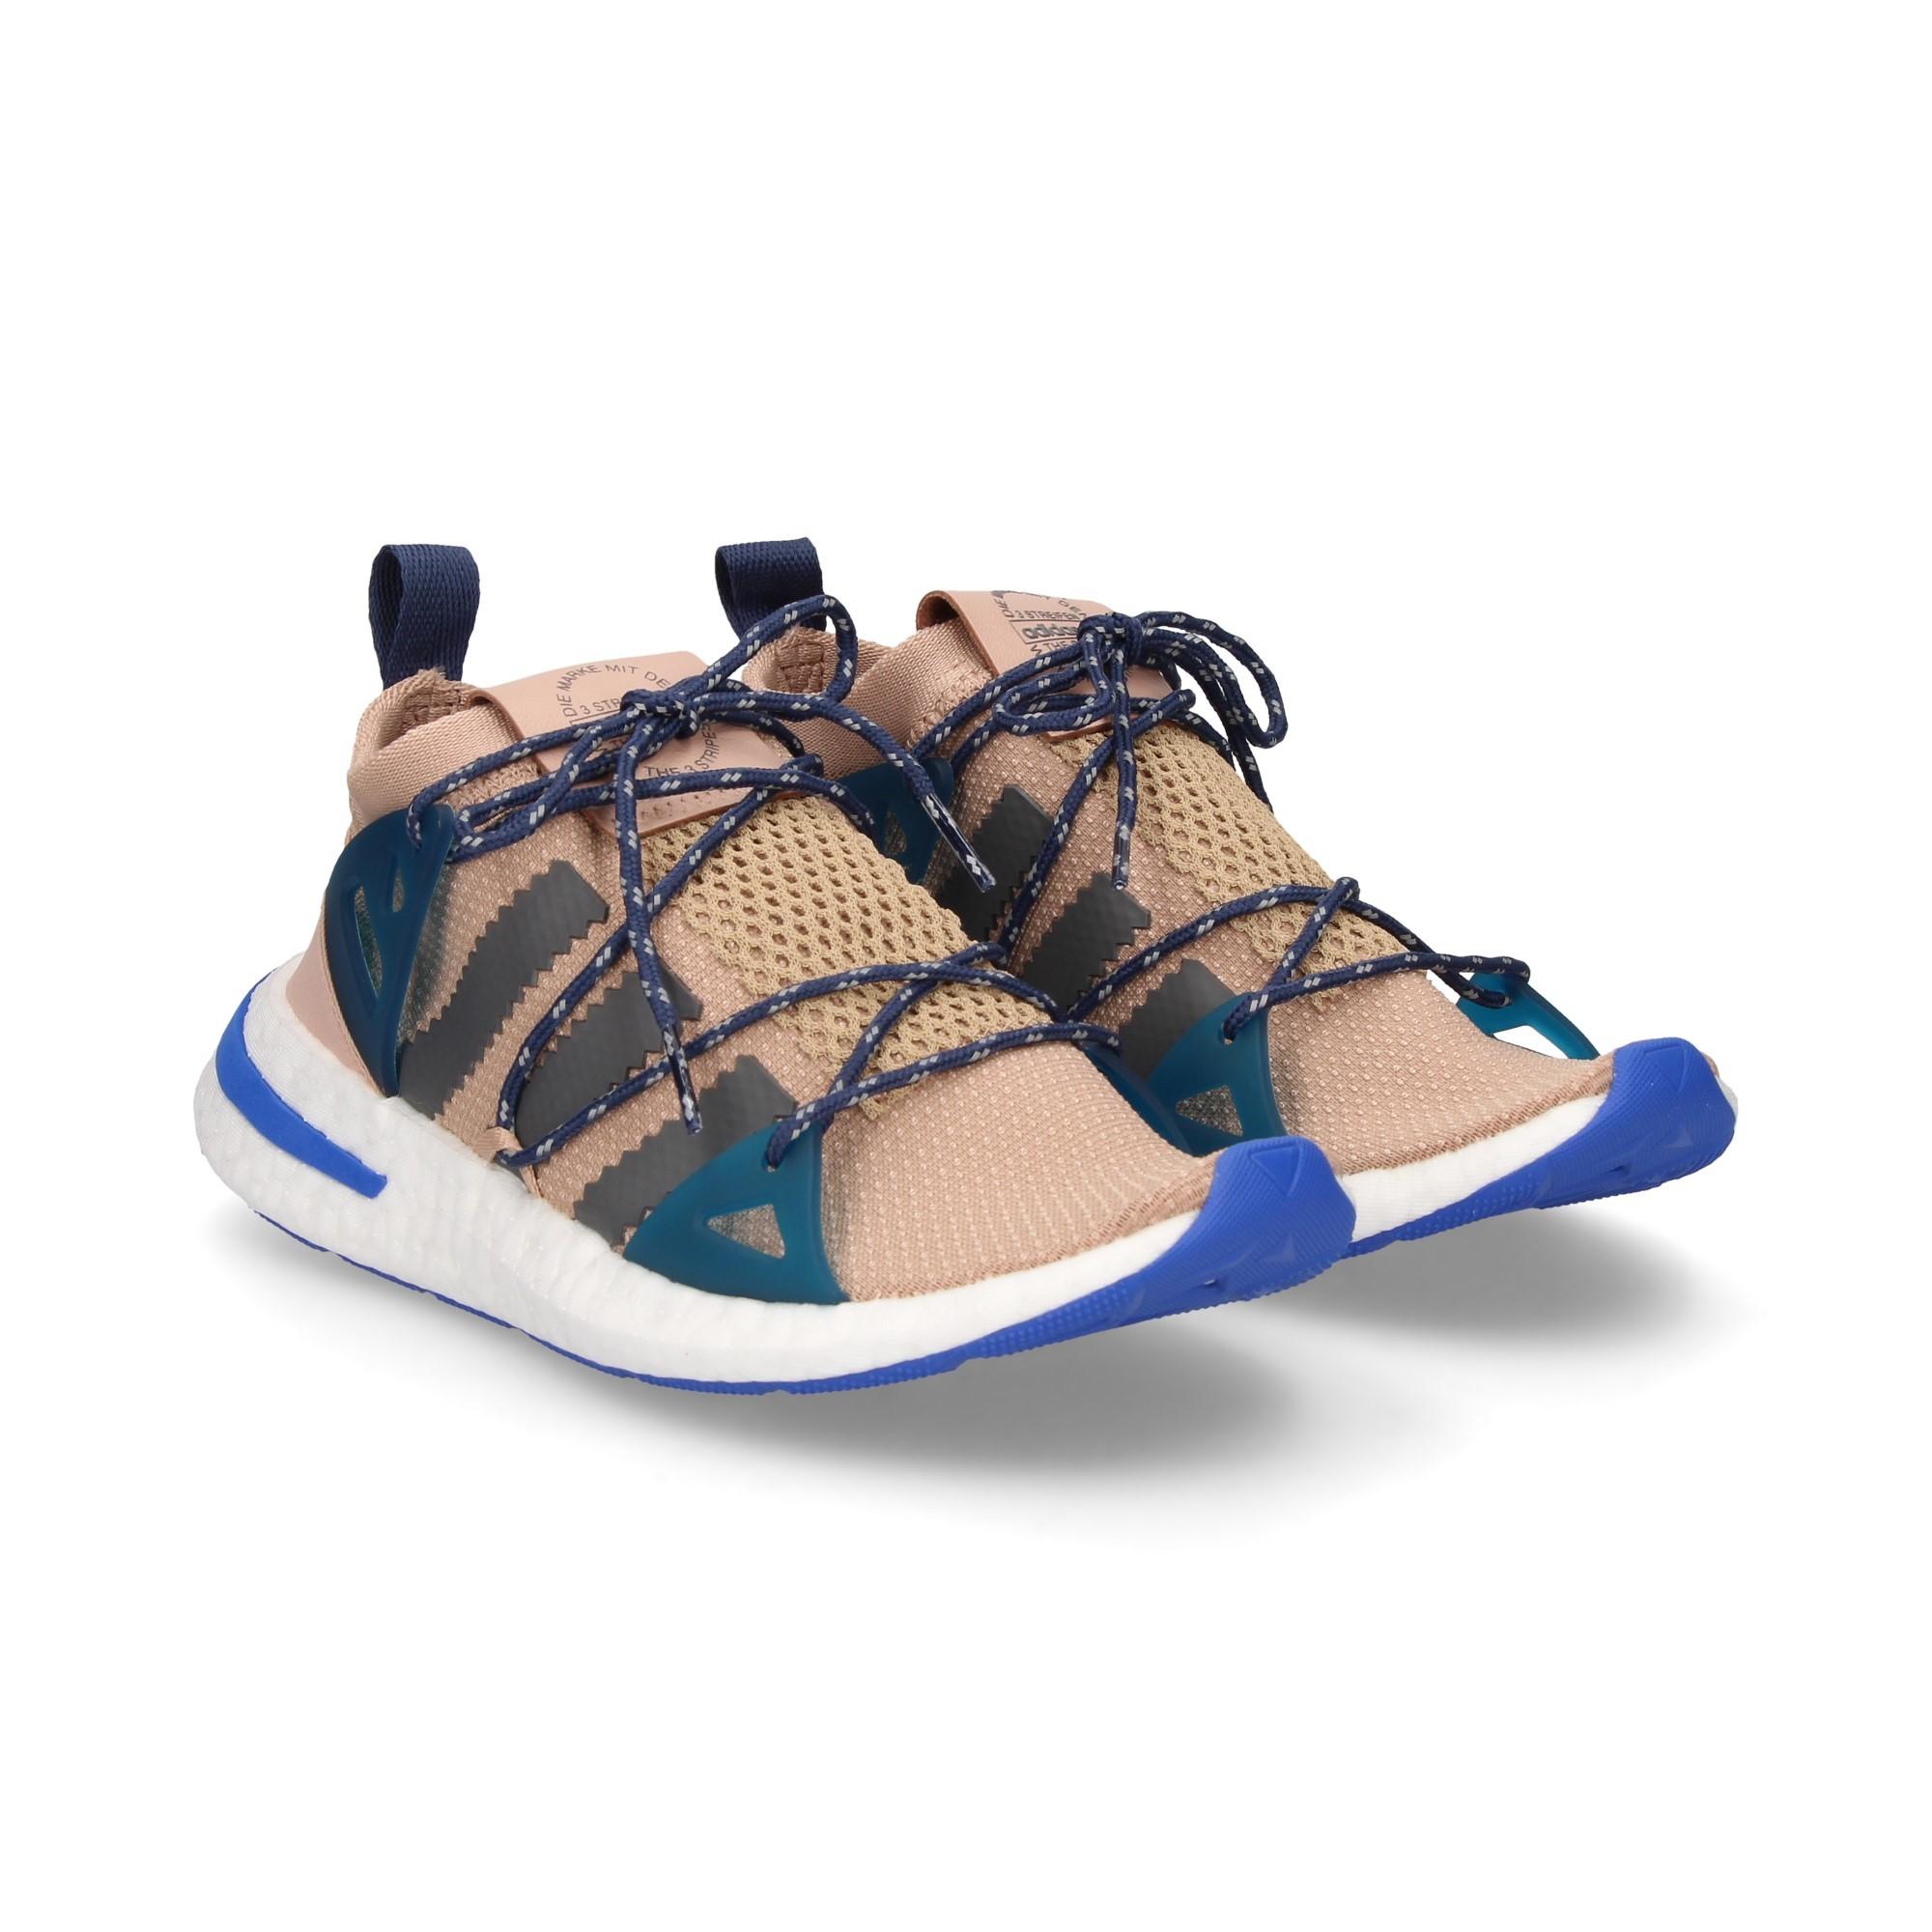 Adidas Sport Beige Pour Chaussures Femmes De Arkyn 8nNwyvm0O